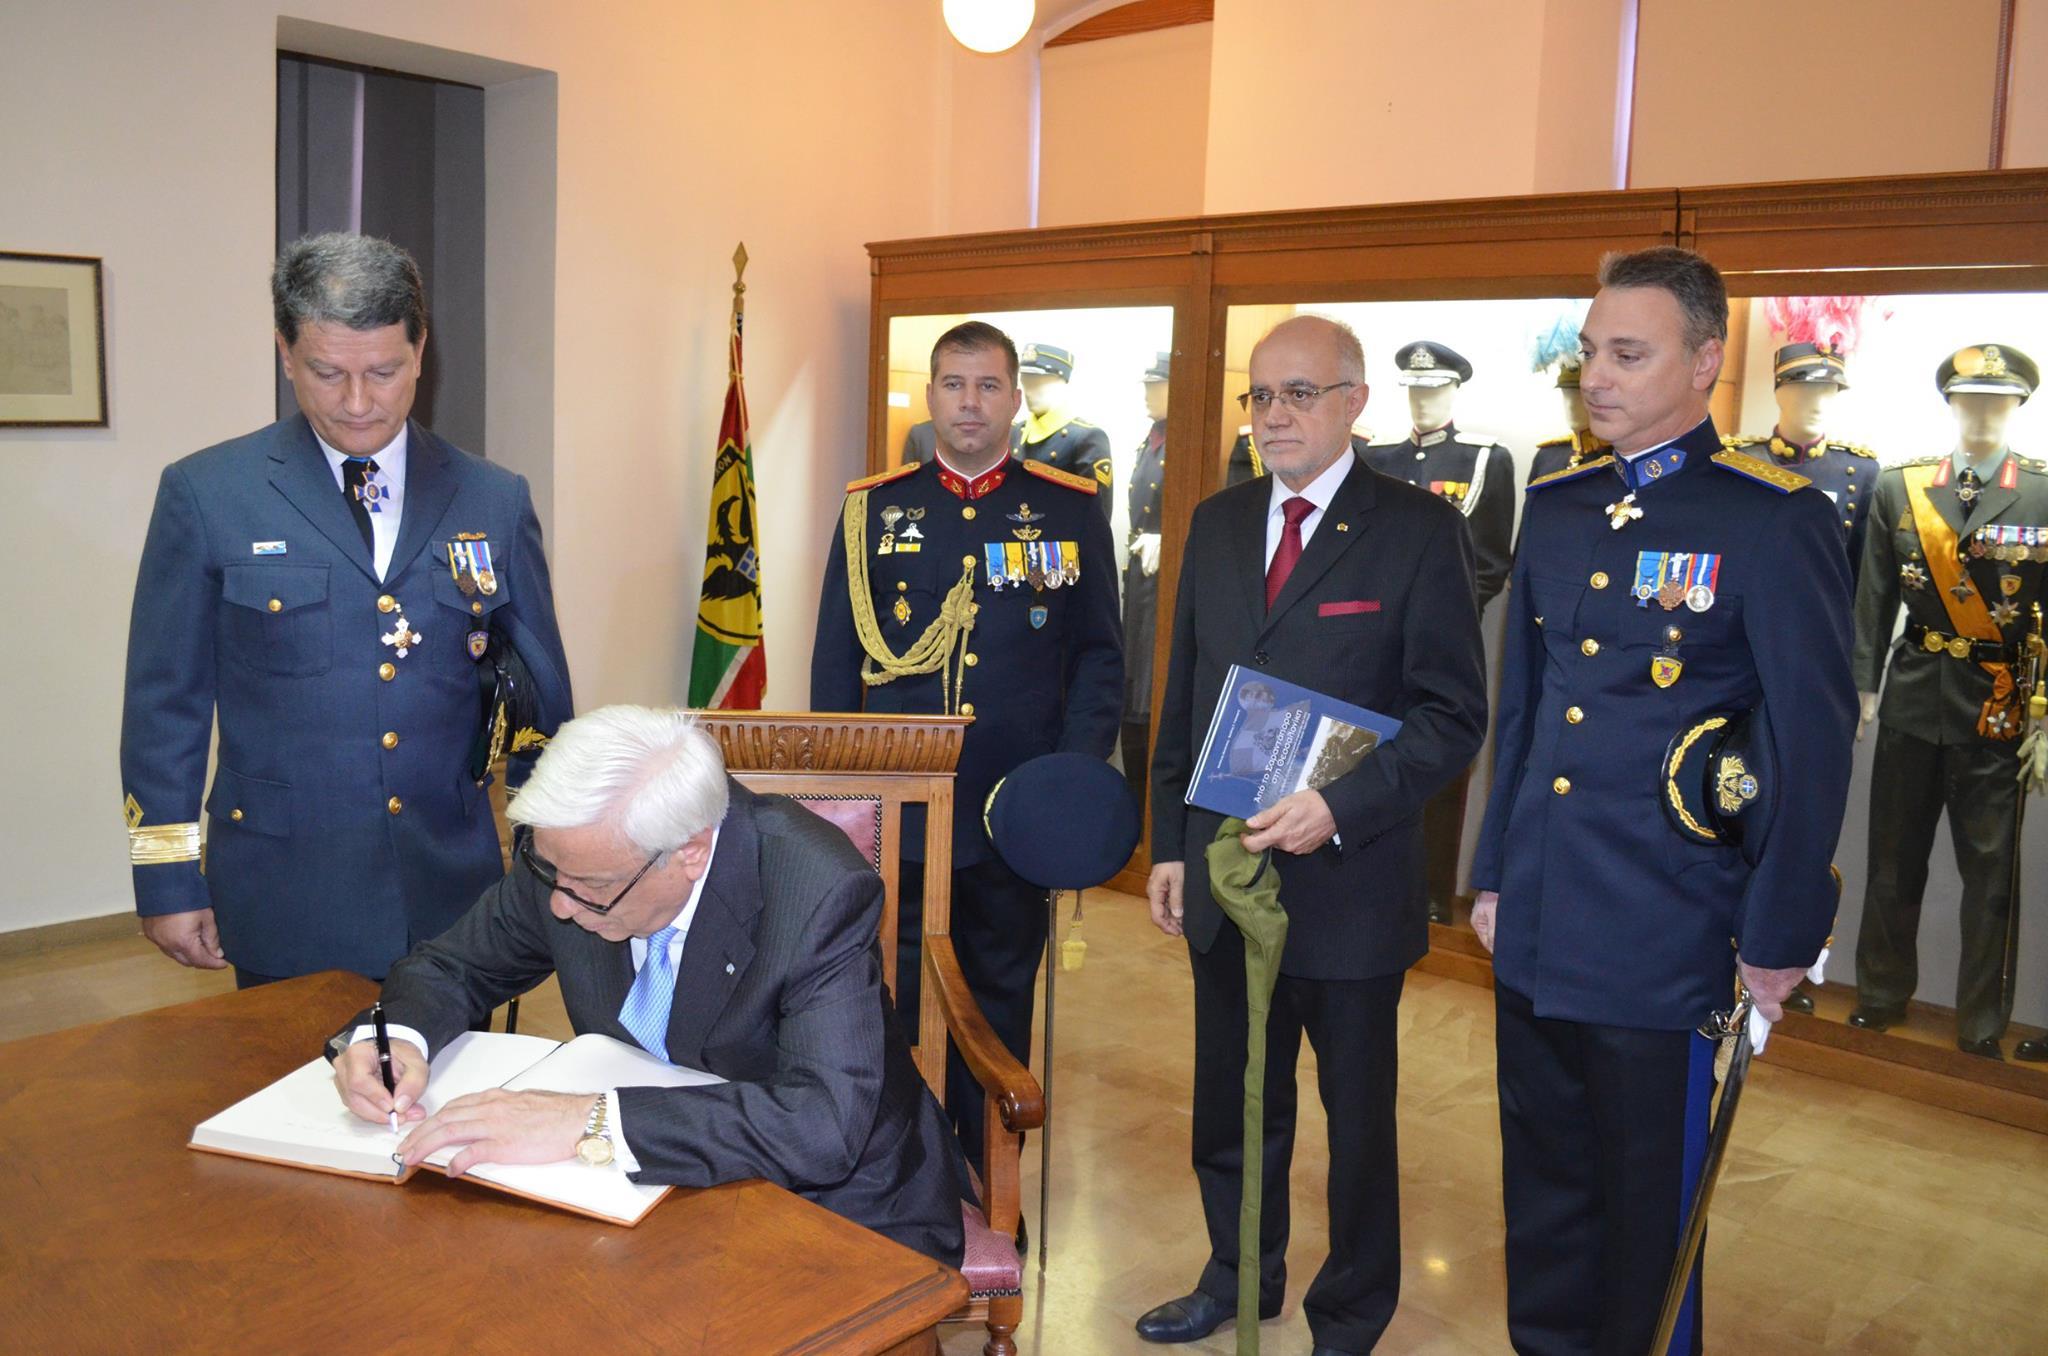 Η επίσκεψη του Προέδρου της δημοκρατίας στο Πολεμικό Μουσείο Θεσσαλονίκης